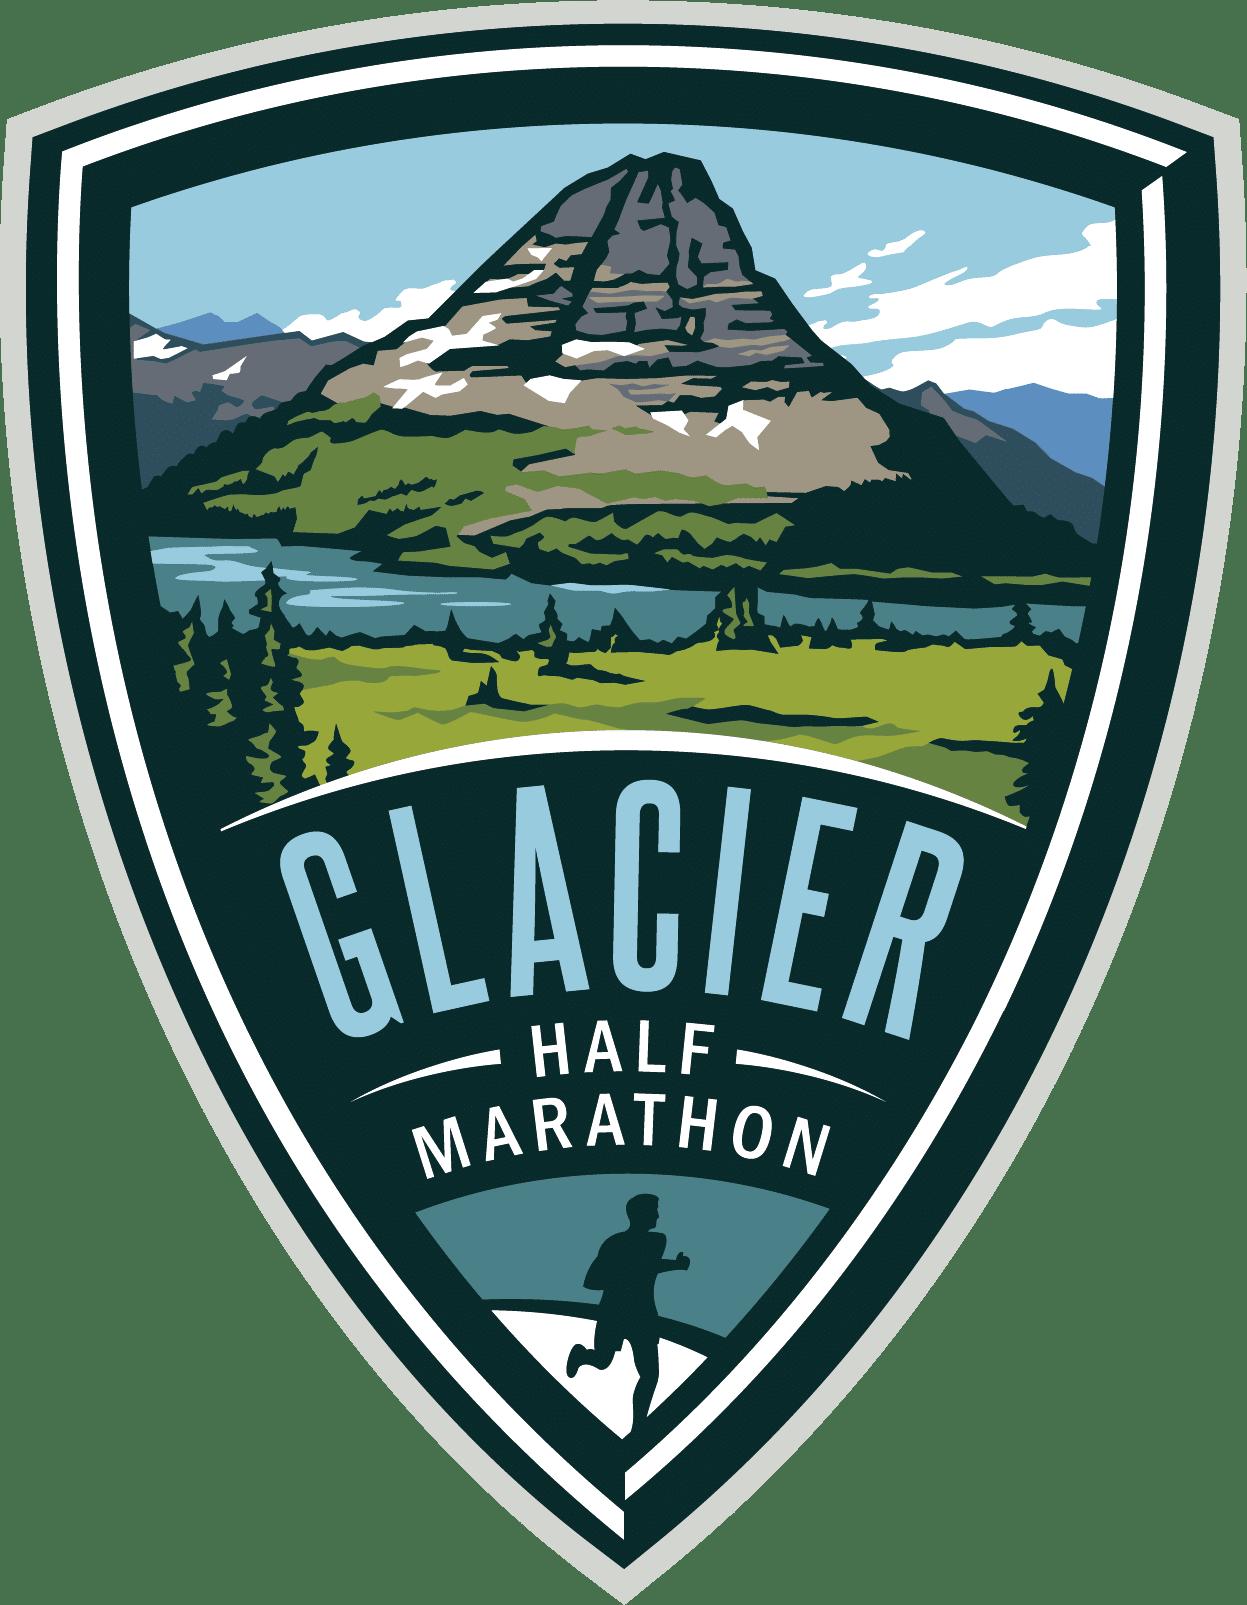 2020 Glacier Half Marathon Vacation Races